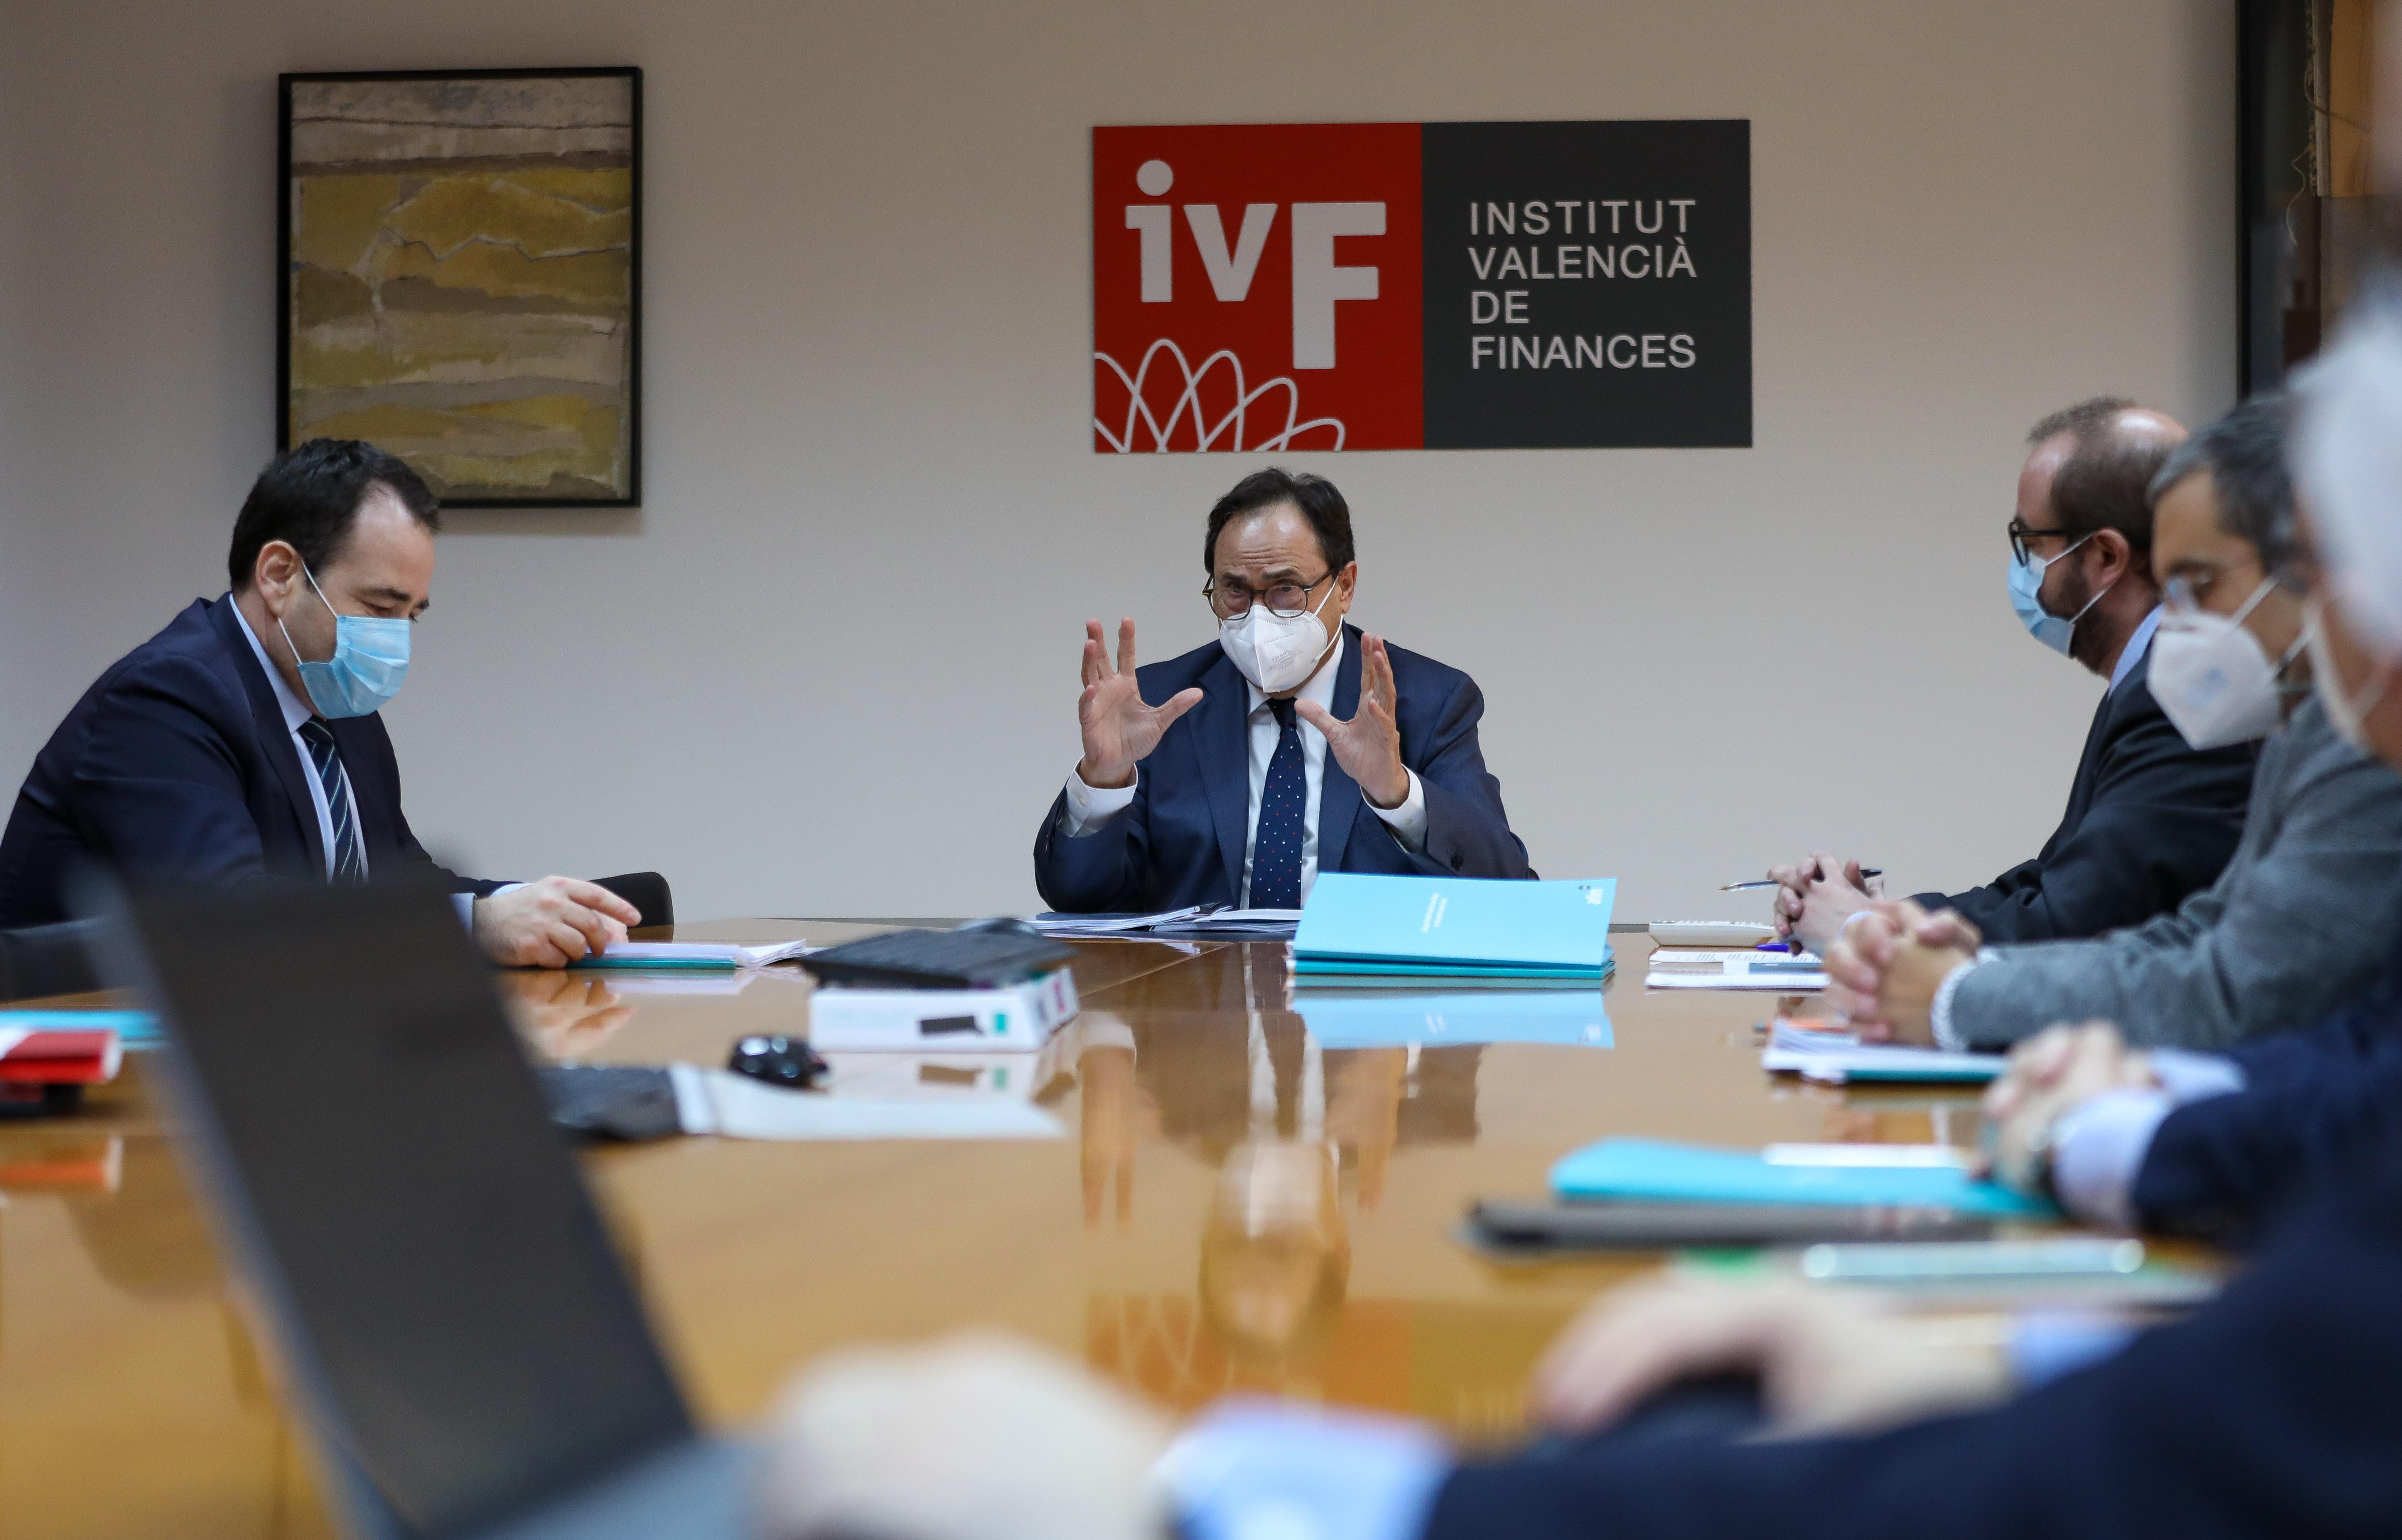 """L""""IVF ha fet més de 300 operacions de finançament per valor de 219,4 milions a través de les seues línies socials"""